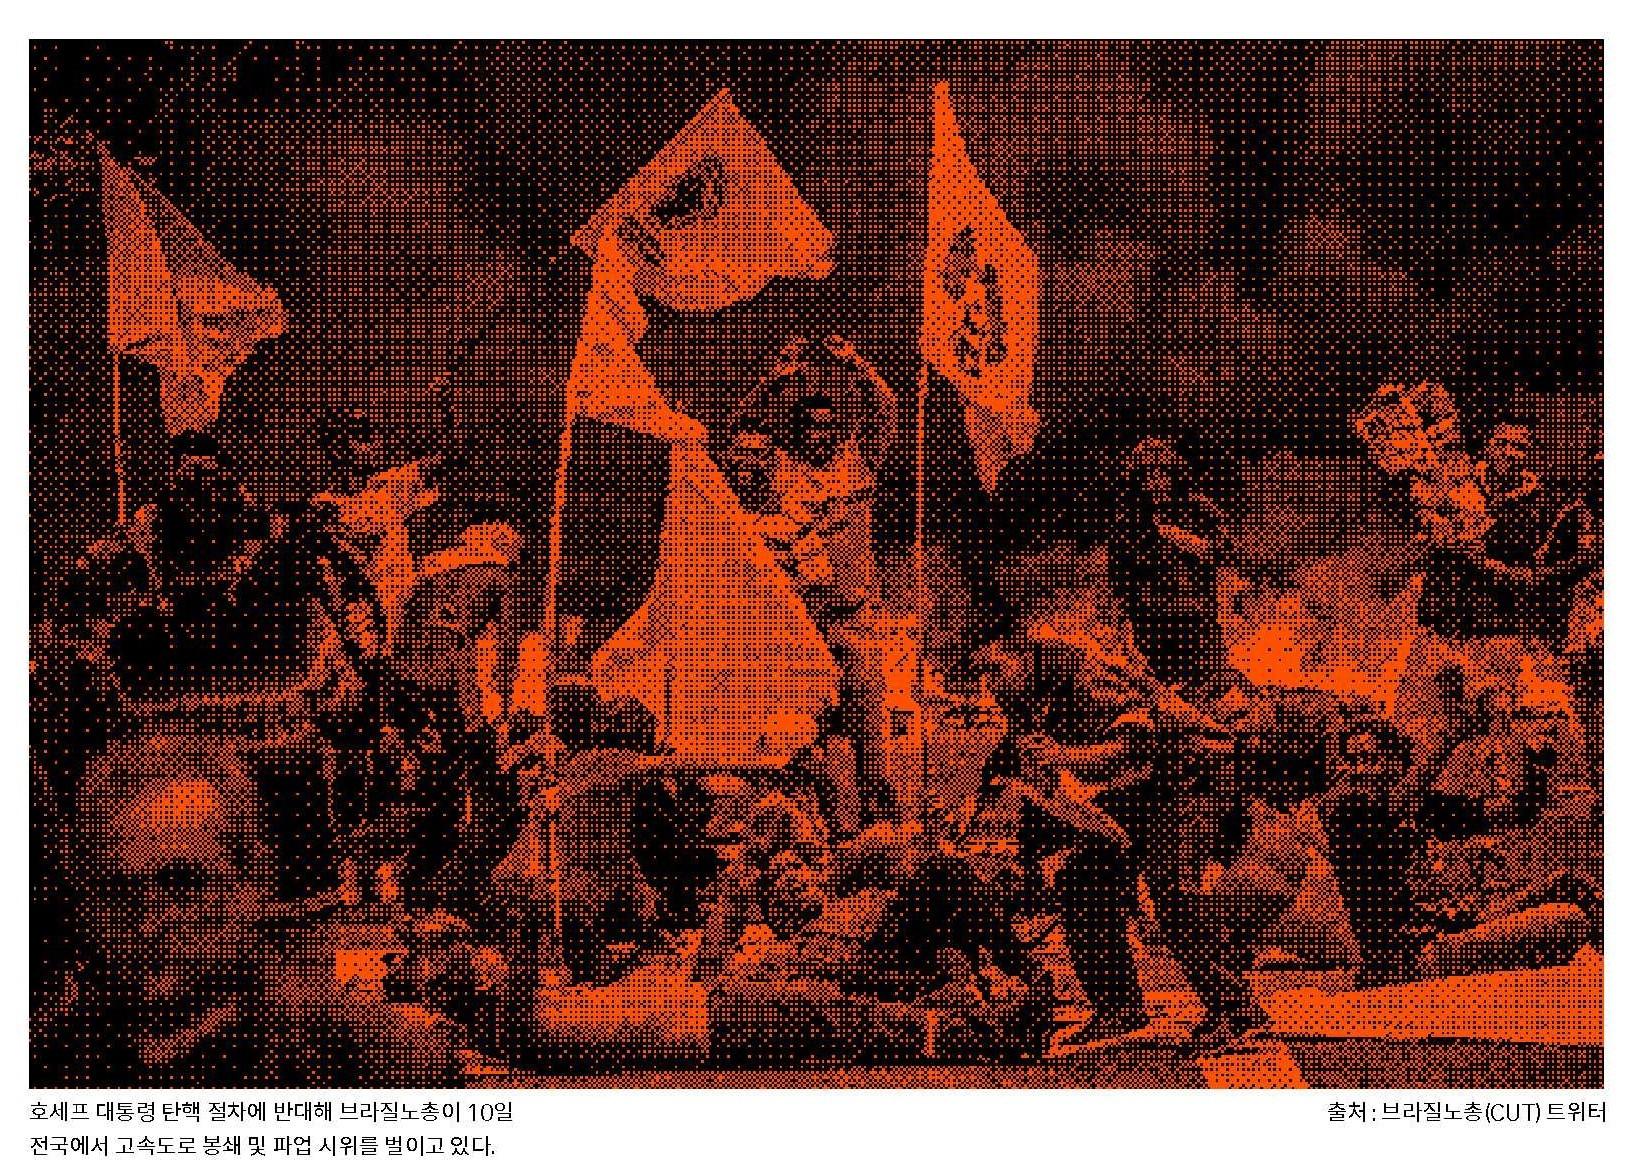 우파의 쿠데타와 미국 개입 전략의 변화, 브라질